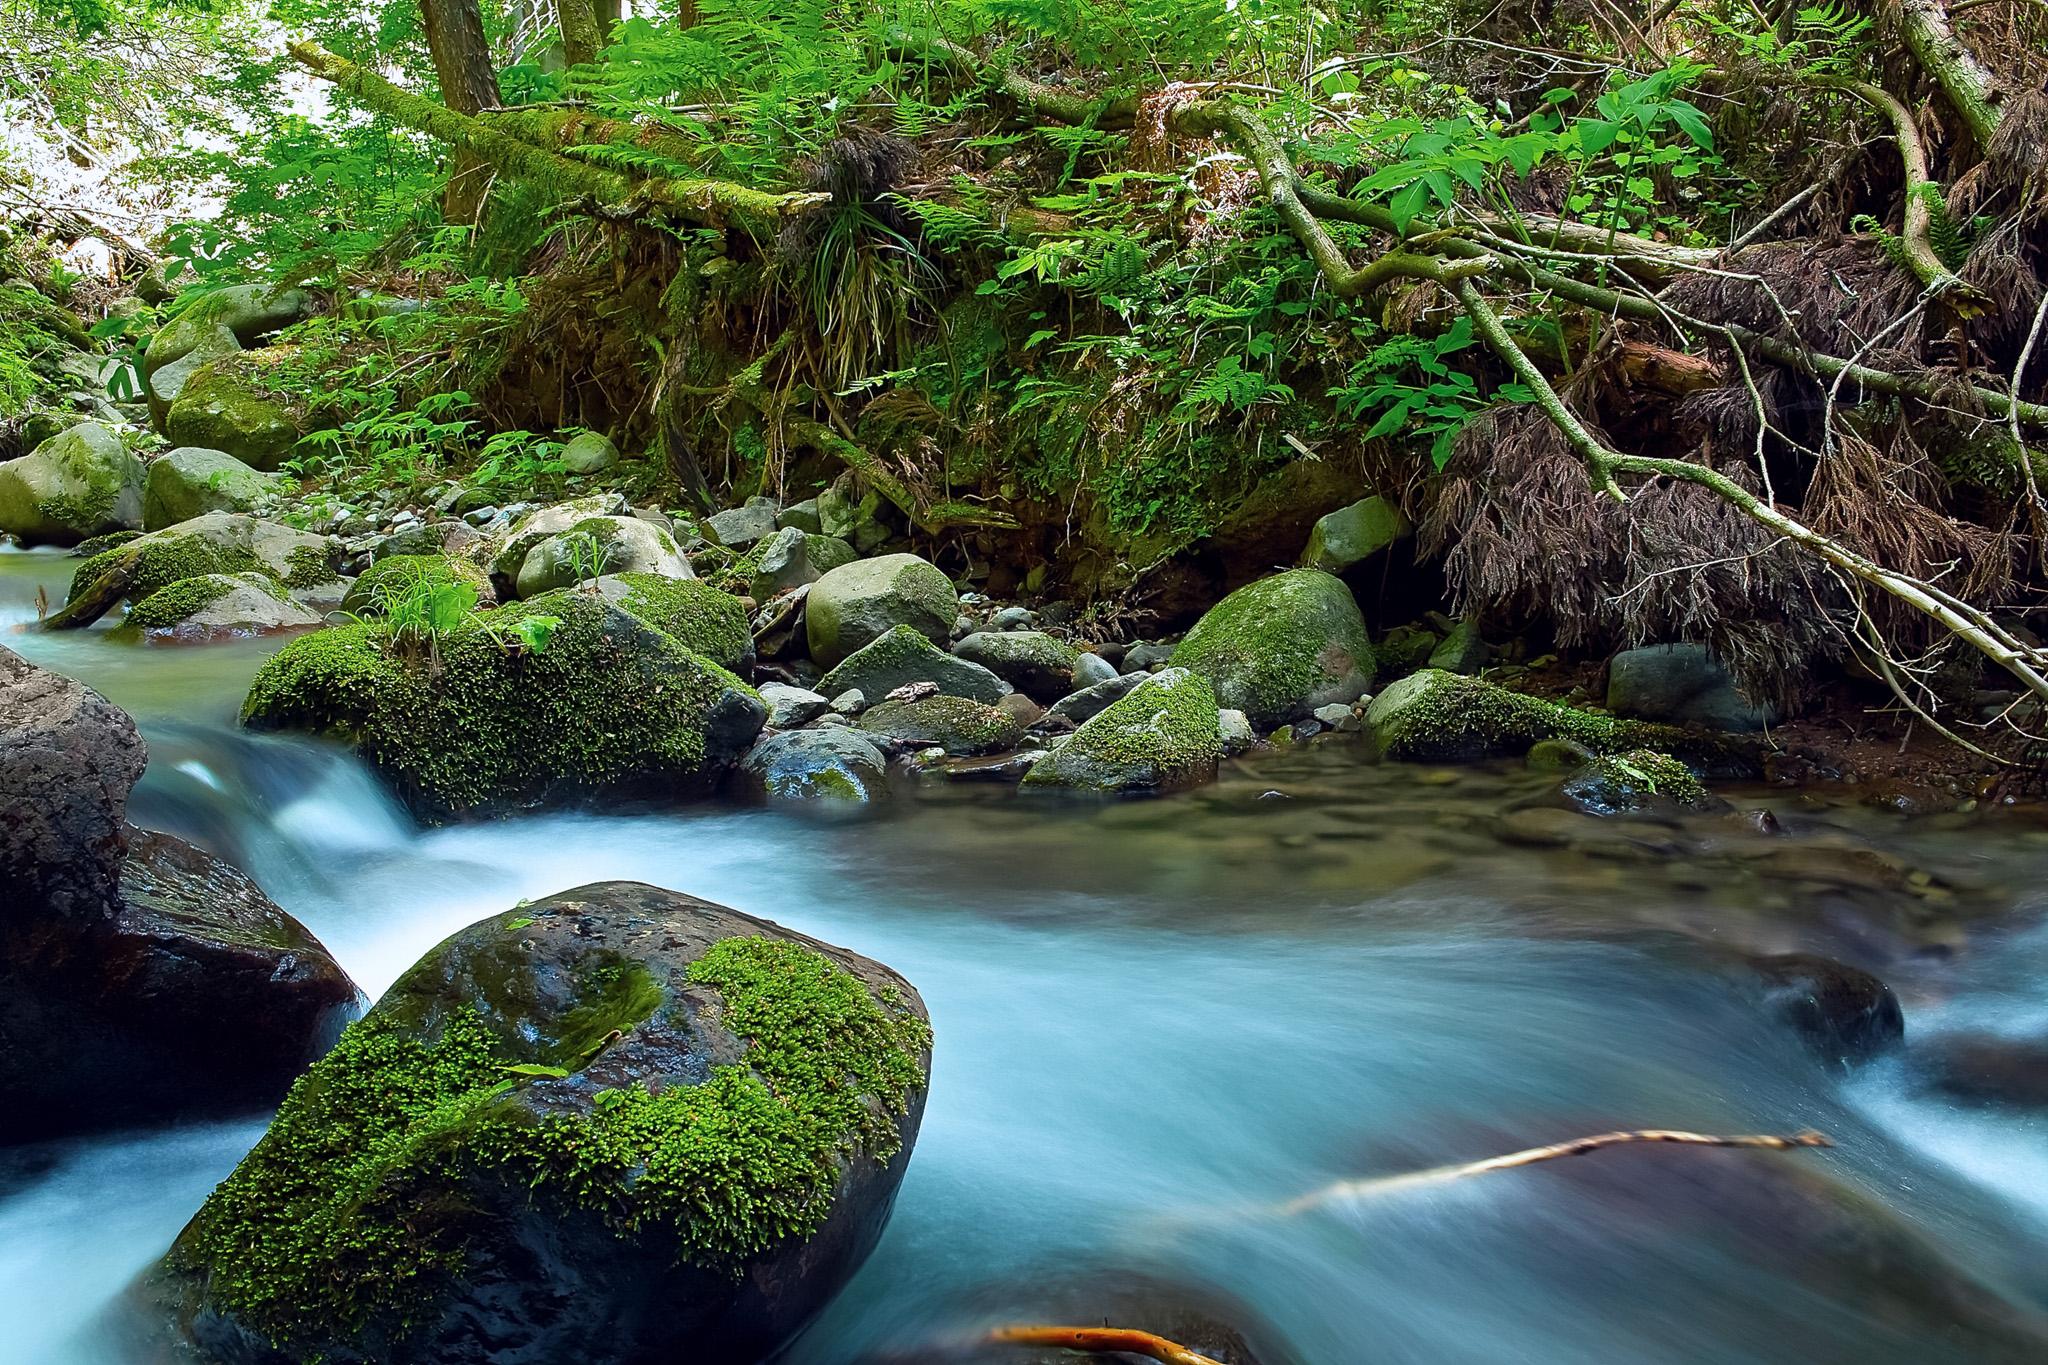 川の画像素材